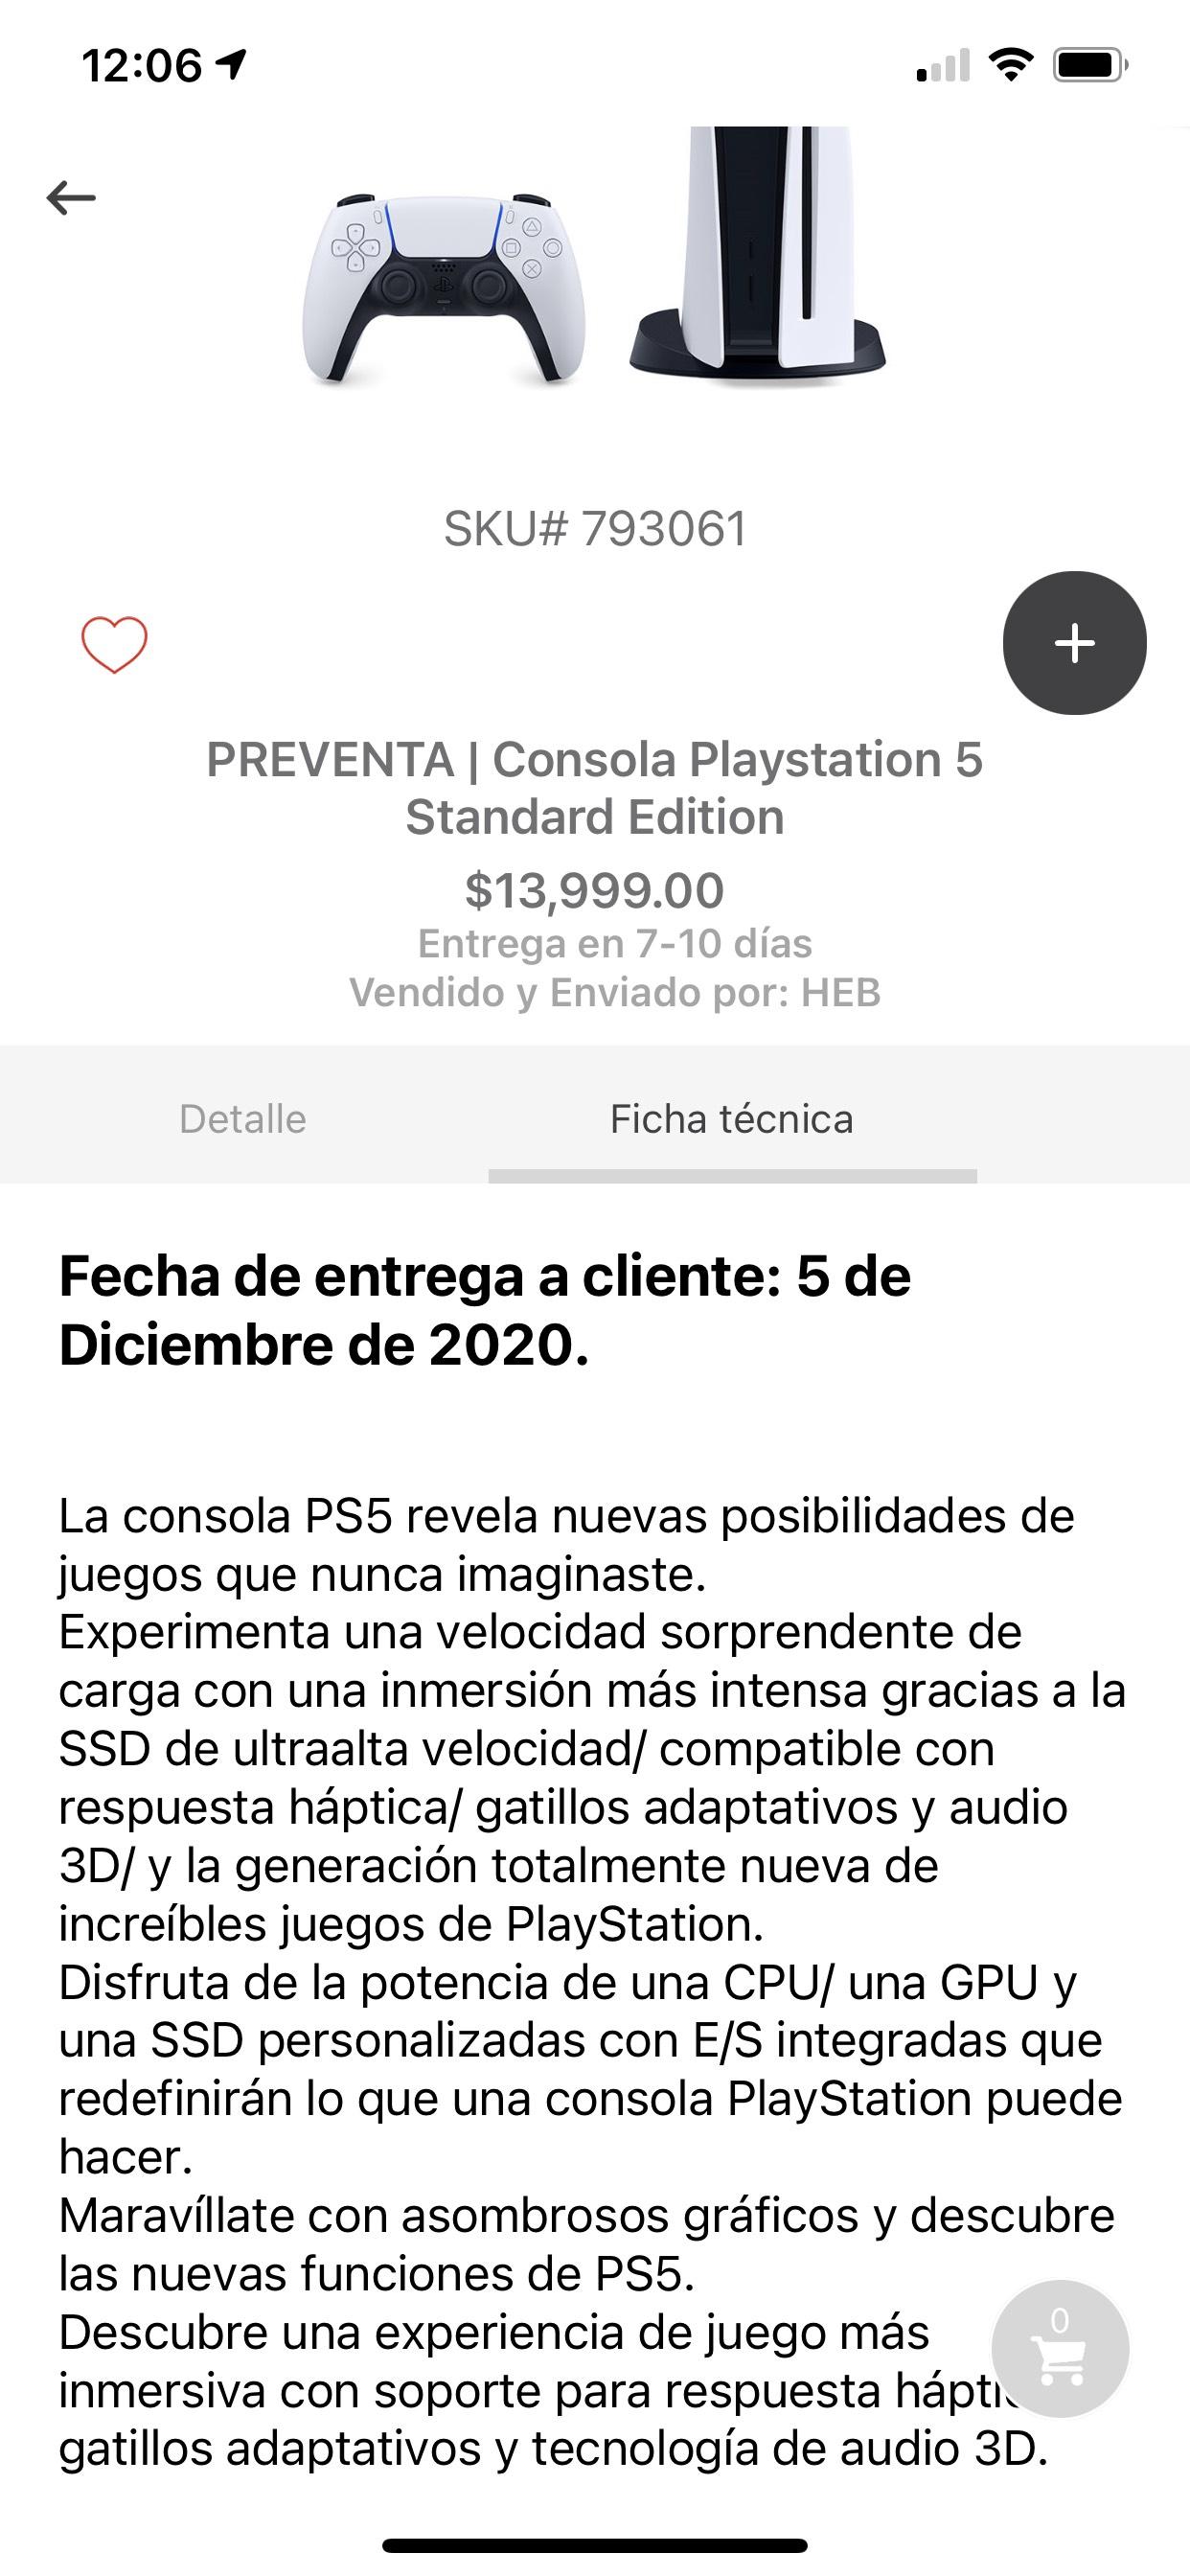 H-E-B preventa PS5 estándar edition entrega 5 de diciembre